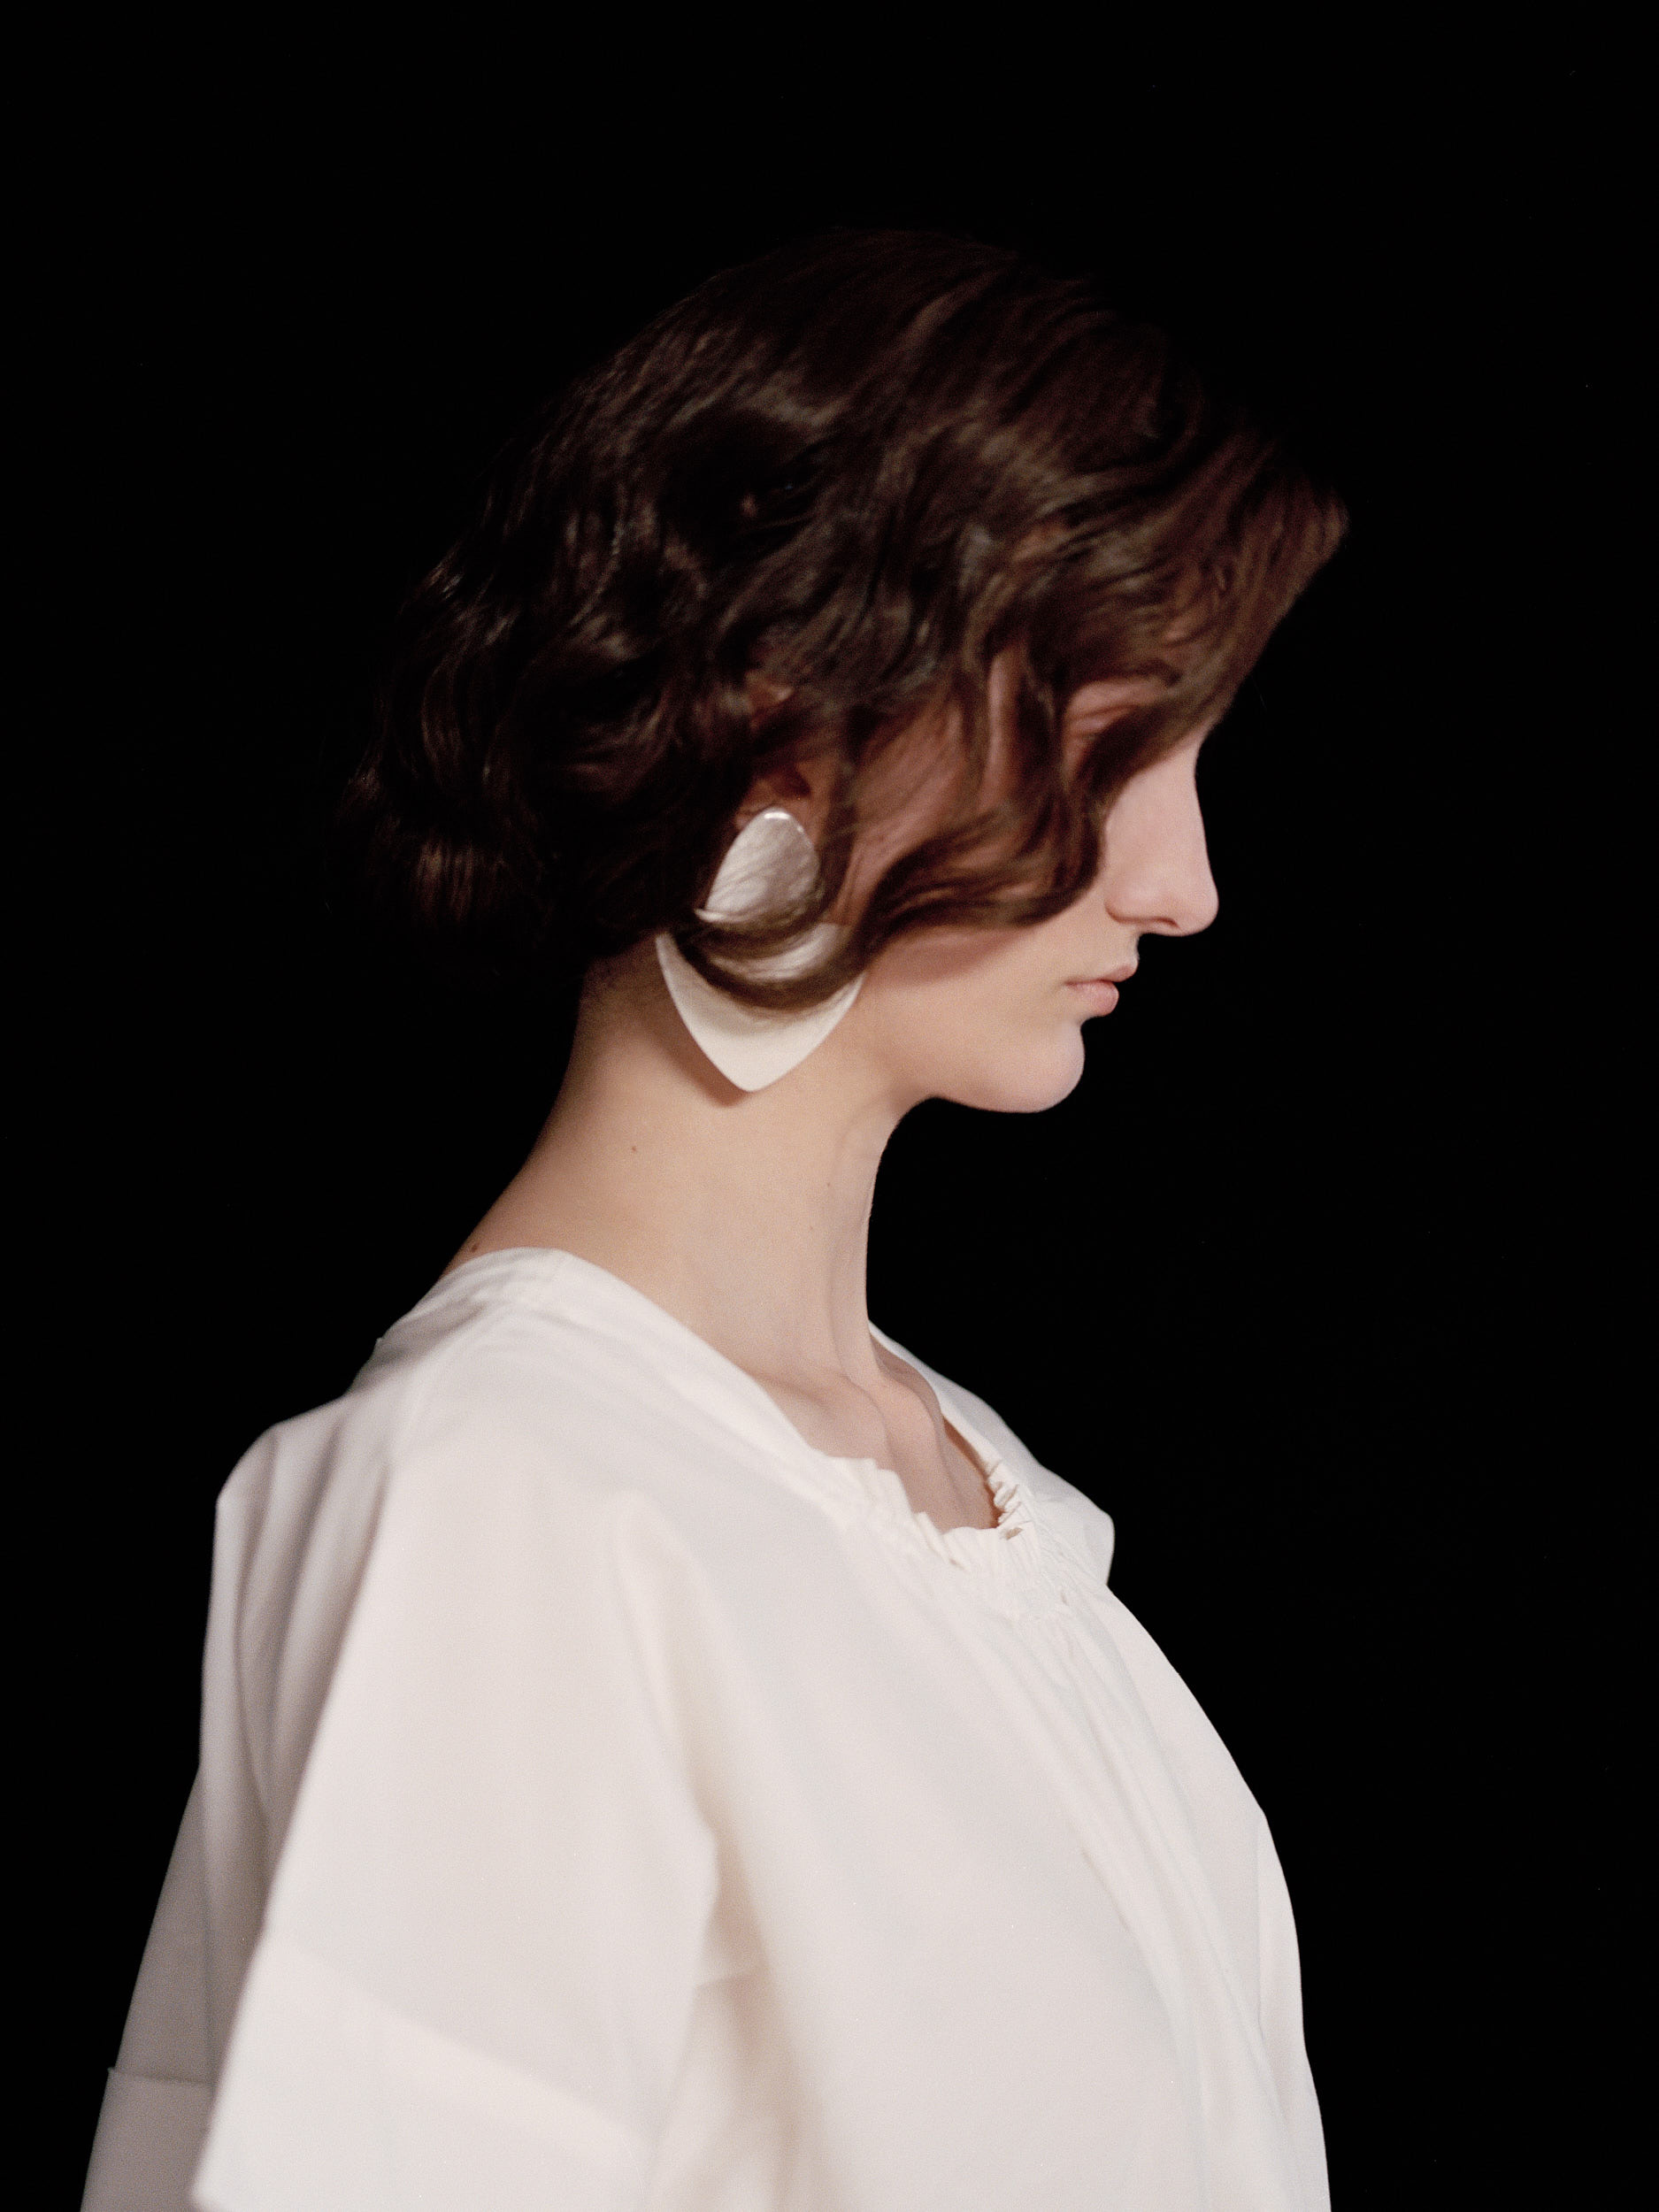 White Ruffled Dress by Renli Su, Ivory Bone Earrings by Monies